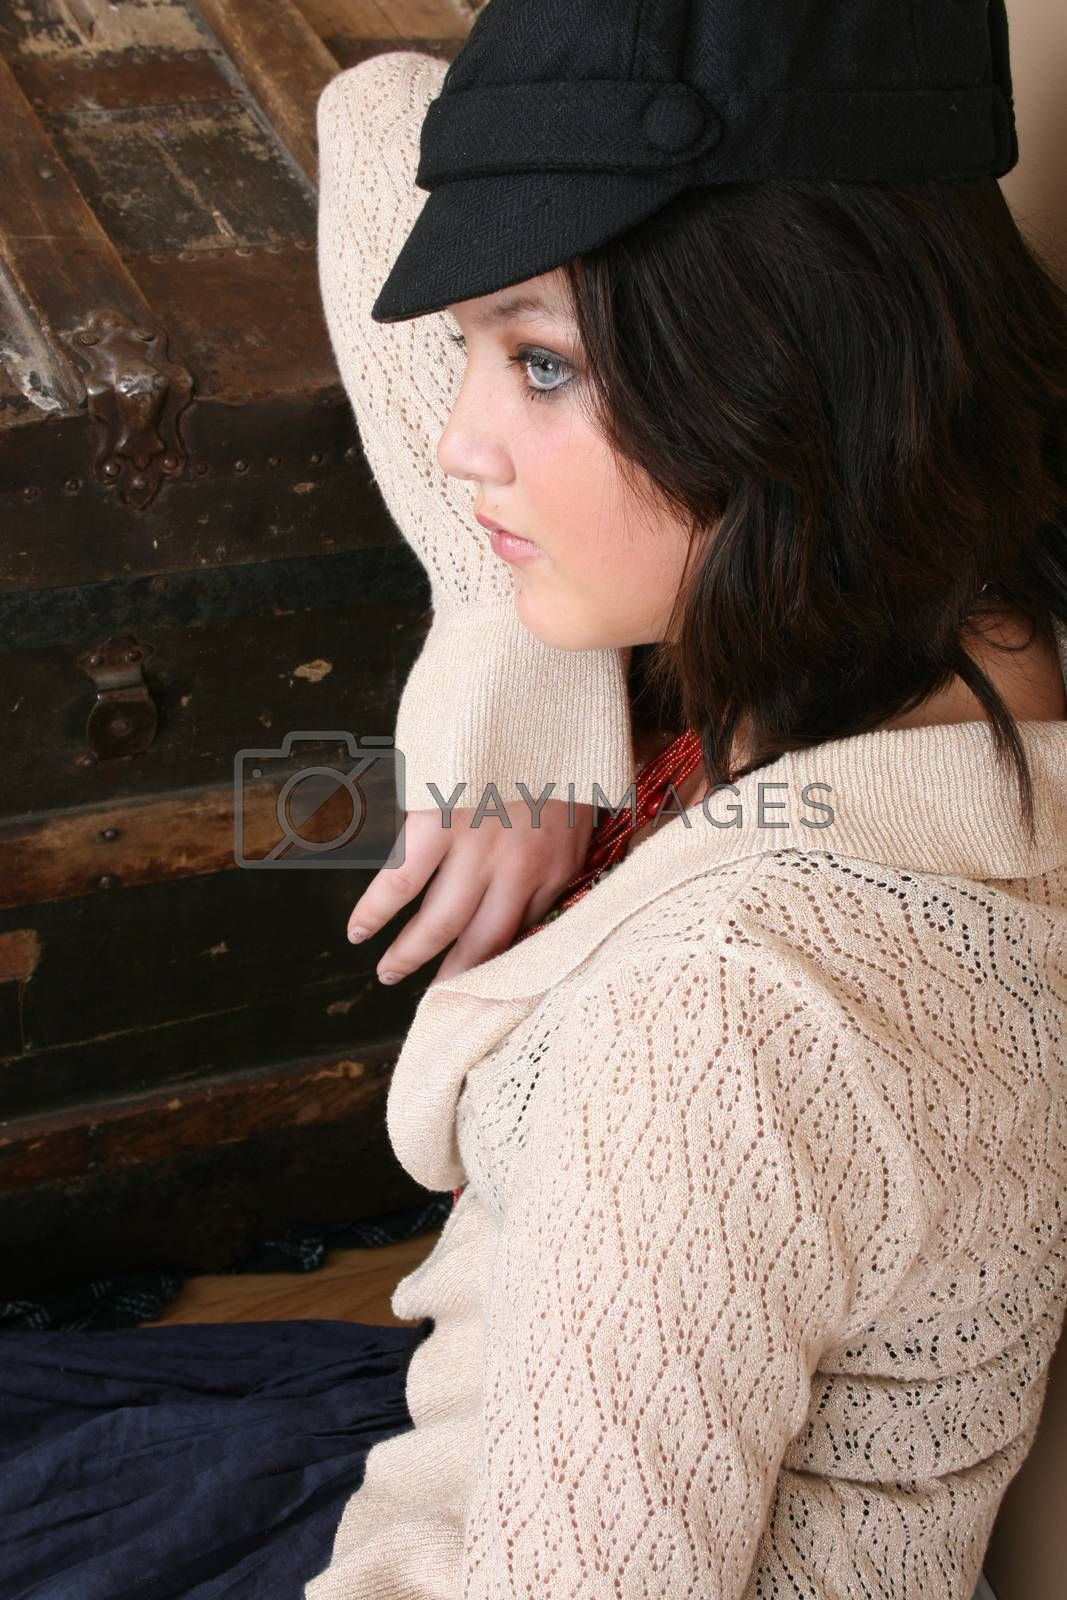 Beautiful brunette teen sitting next to an antique trunk